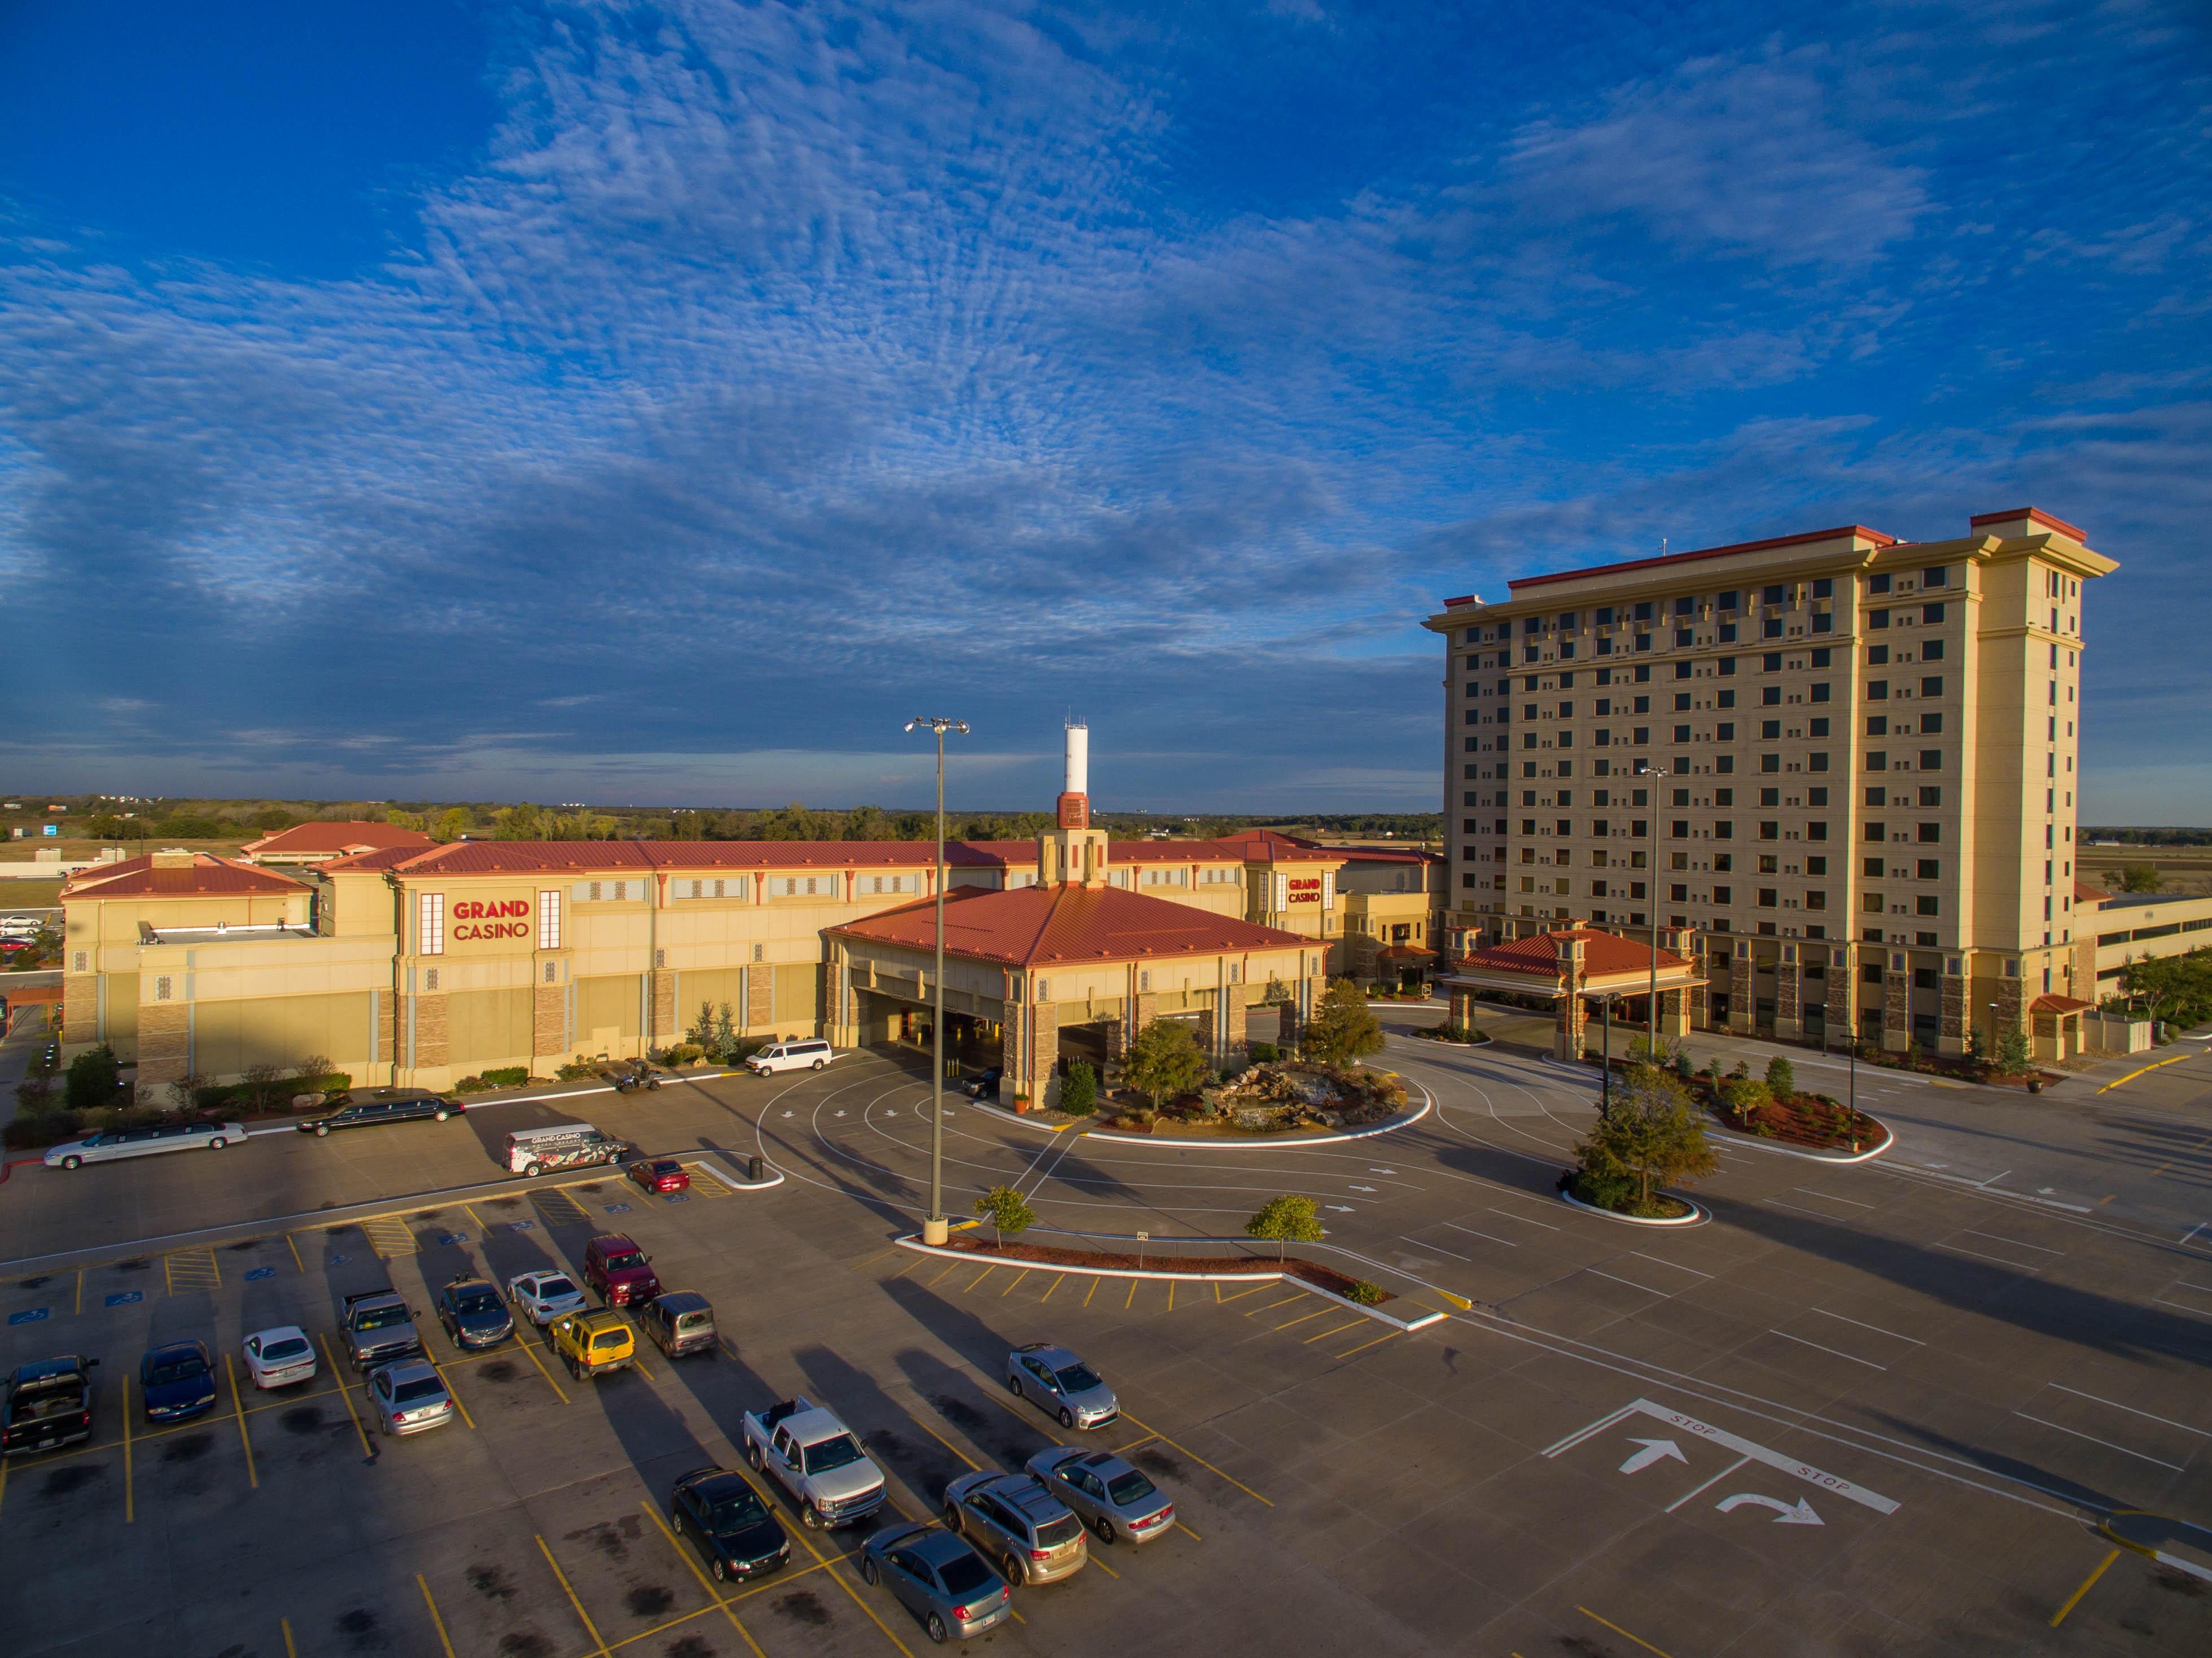 Grand Casino Hotel Resort 领英